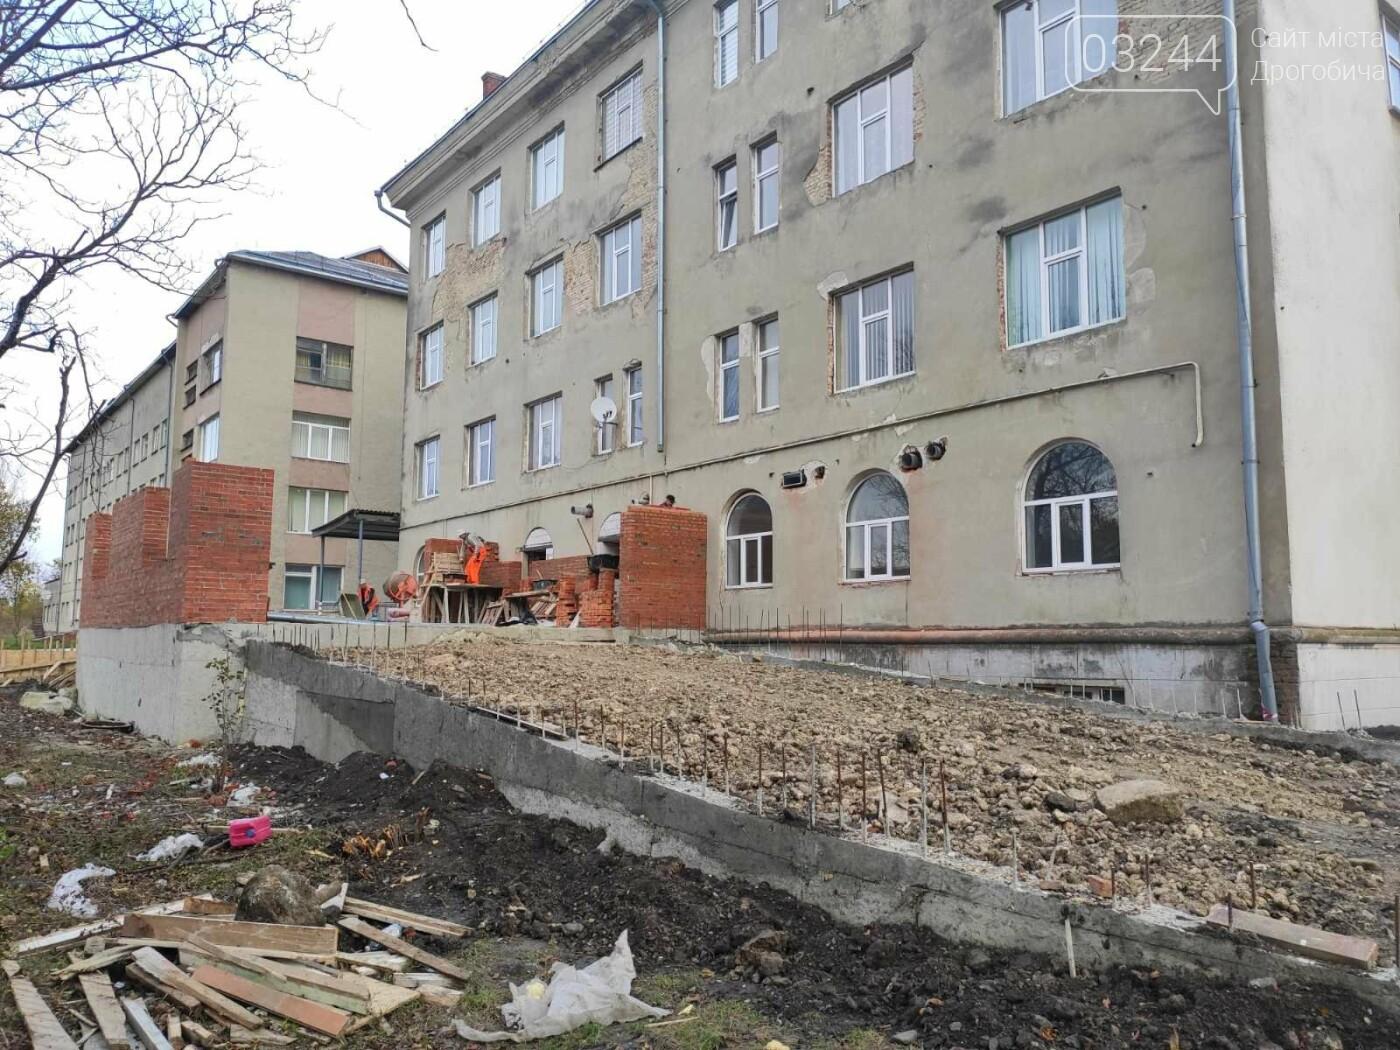 Дрогобицька міська лікарня №1 оновлює  приймальне відділення  – стартував капремонт приміщення  , фото-10